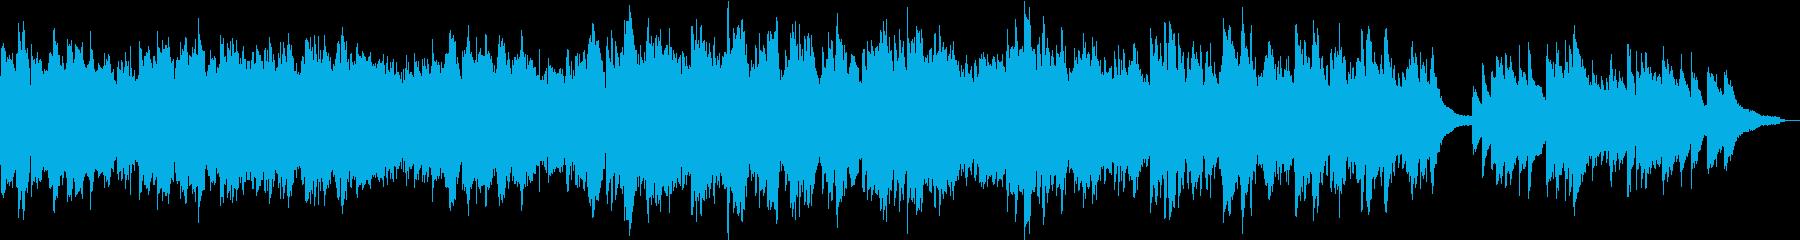 ピアノ・ストリングス/癒しおやすみBGMの再生済みの波形